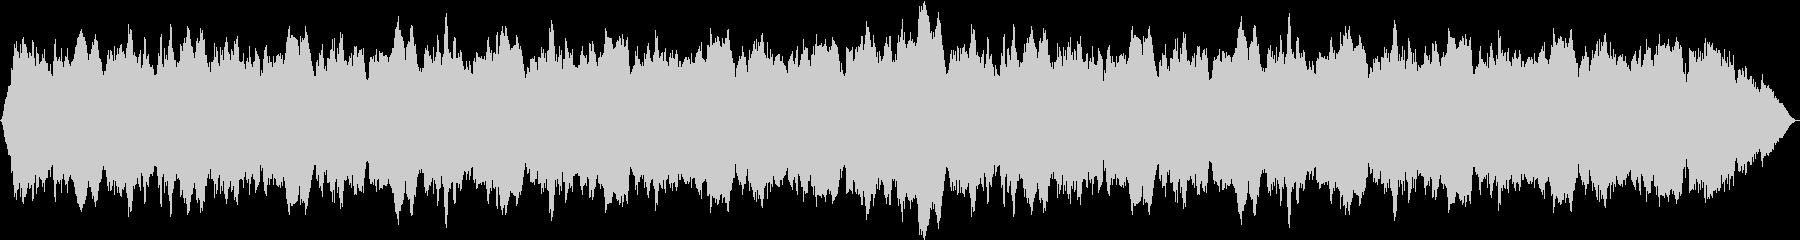 魔法詠唱、魔法発動、独白 12の未再生の波形